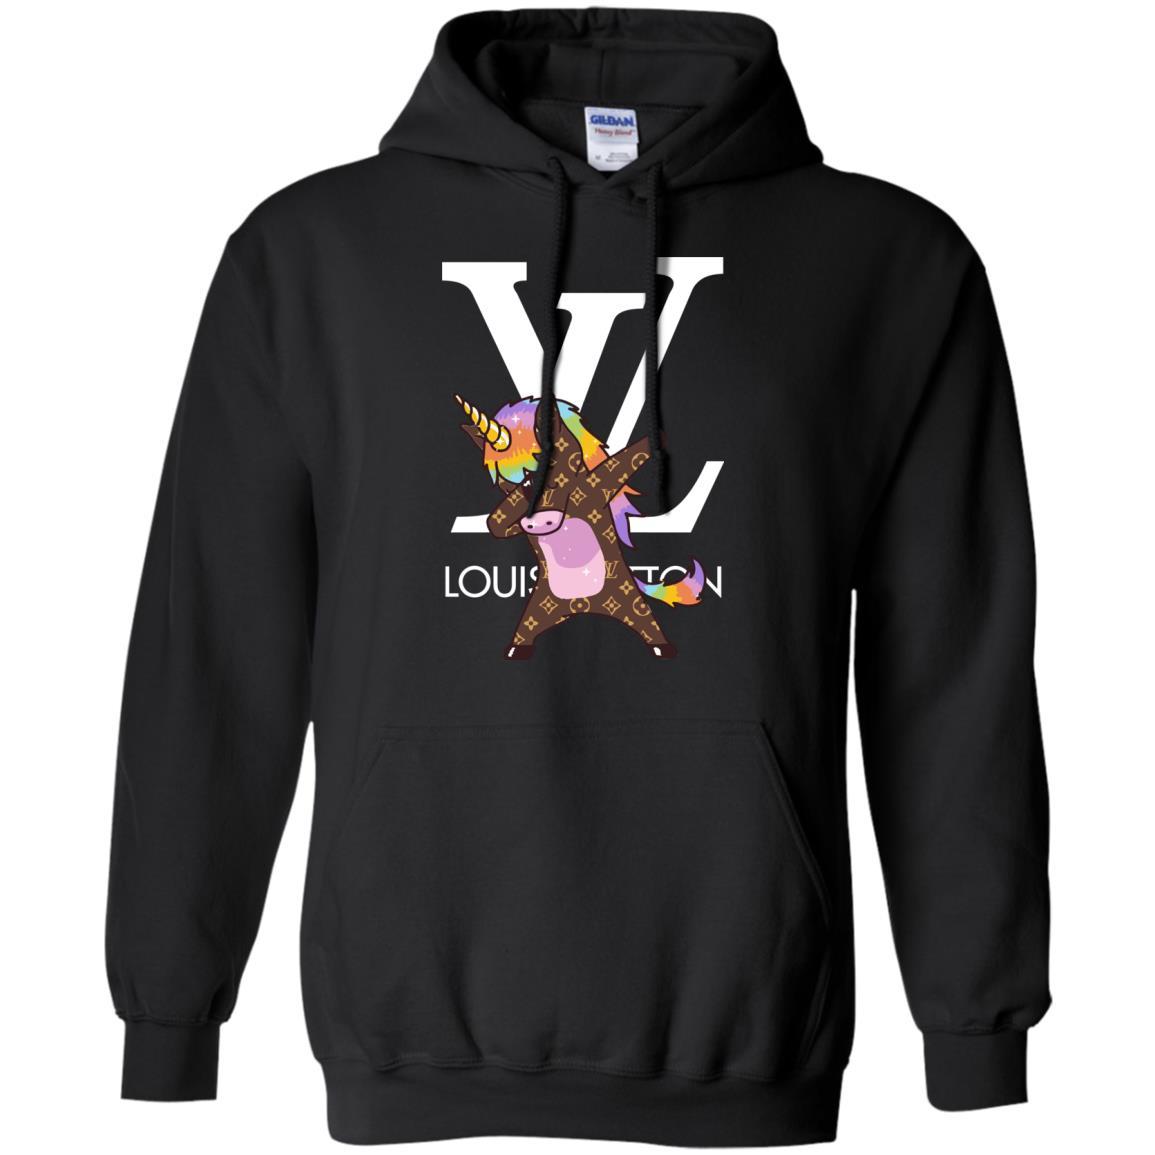 Lv hoodie